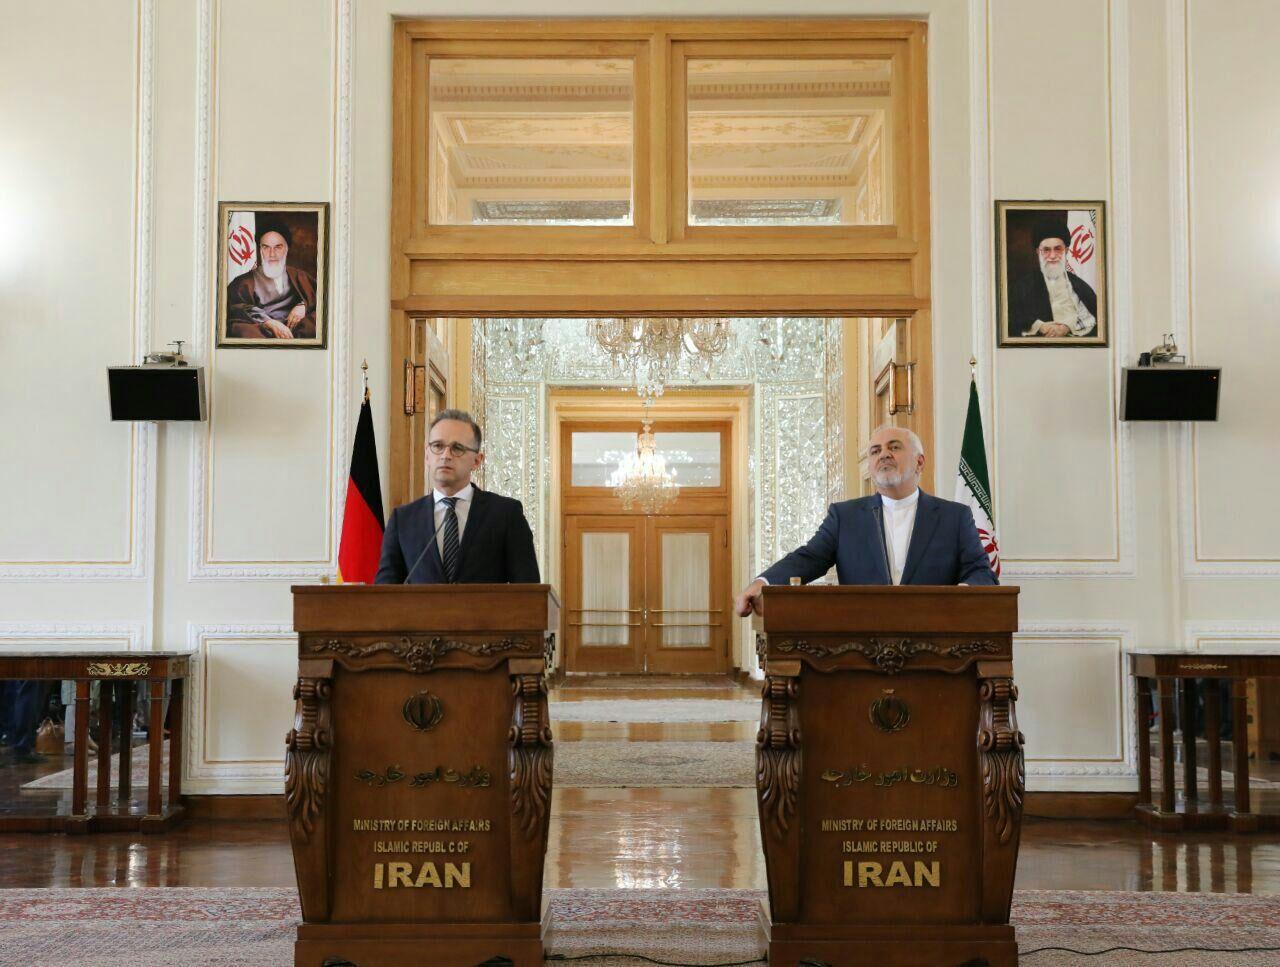 جنگ اقتصادی آمریکا علیه ایران بسیار خطرناک است